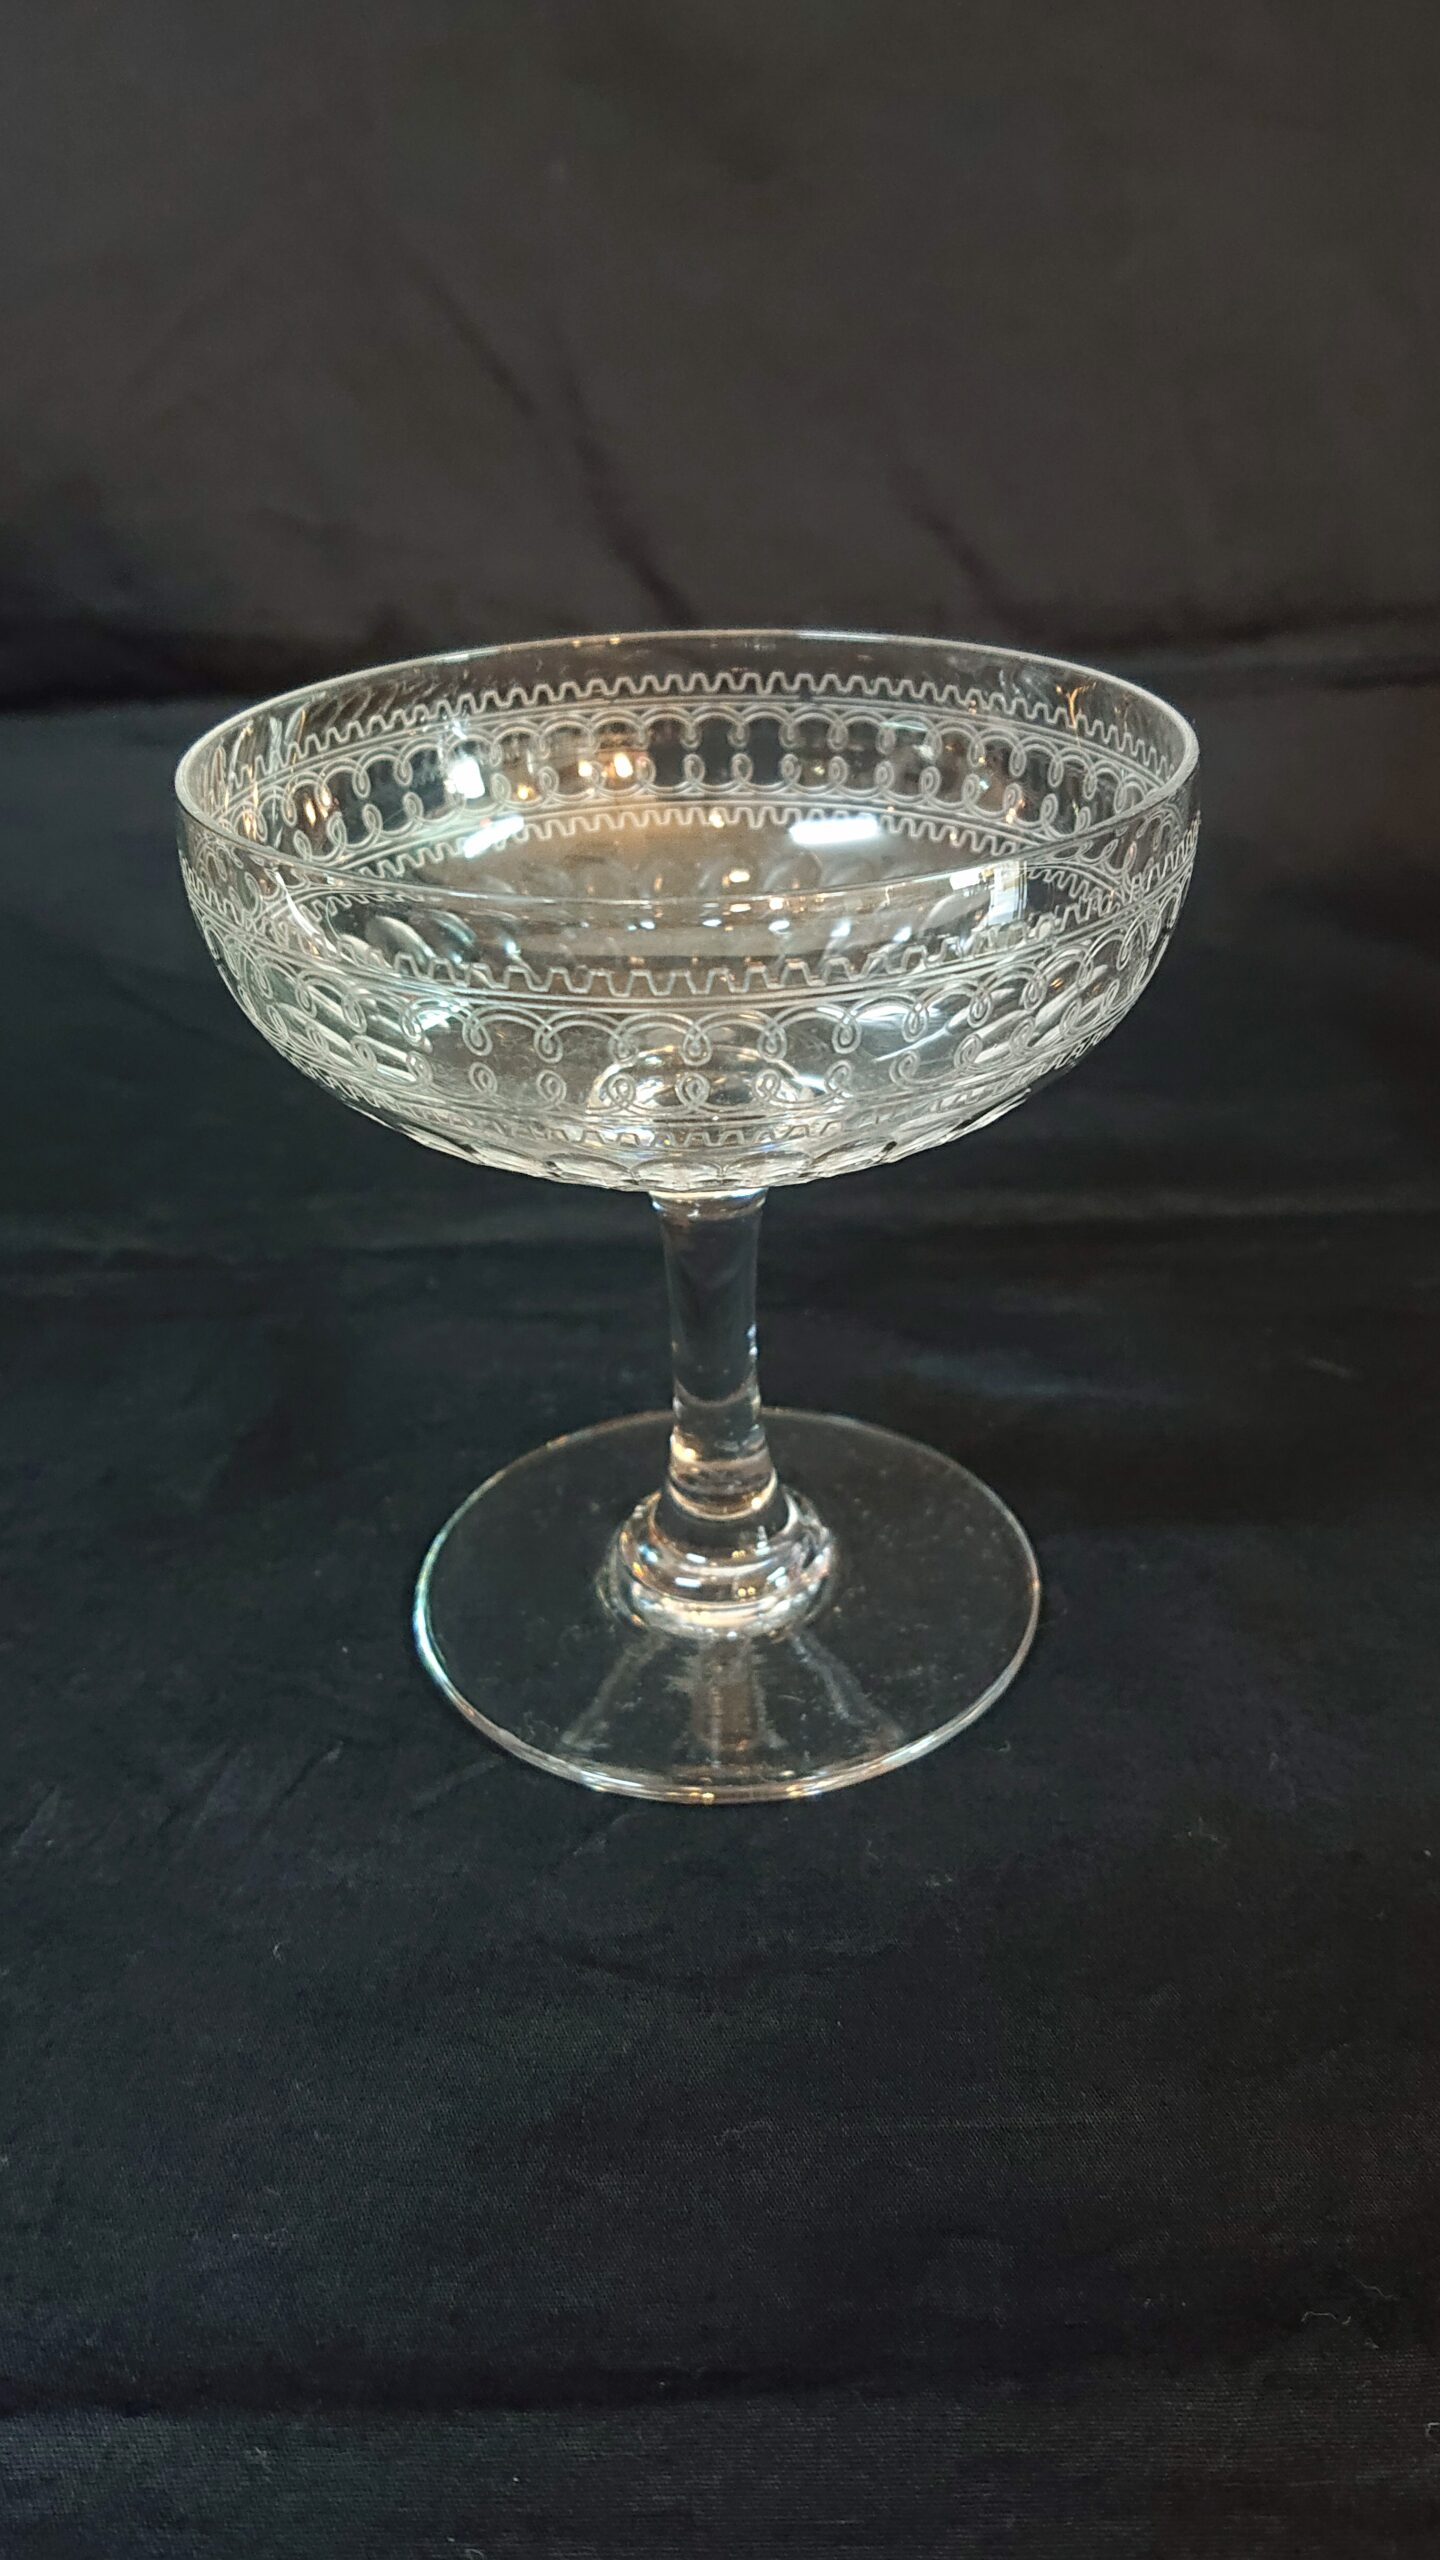 オールドバカラ シャンパンクープグラス